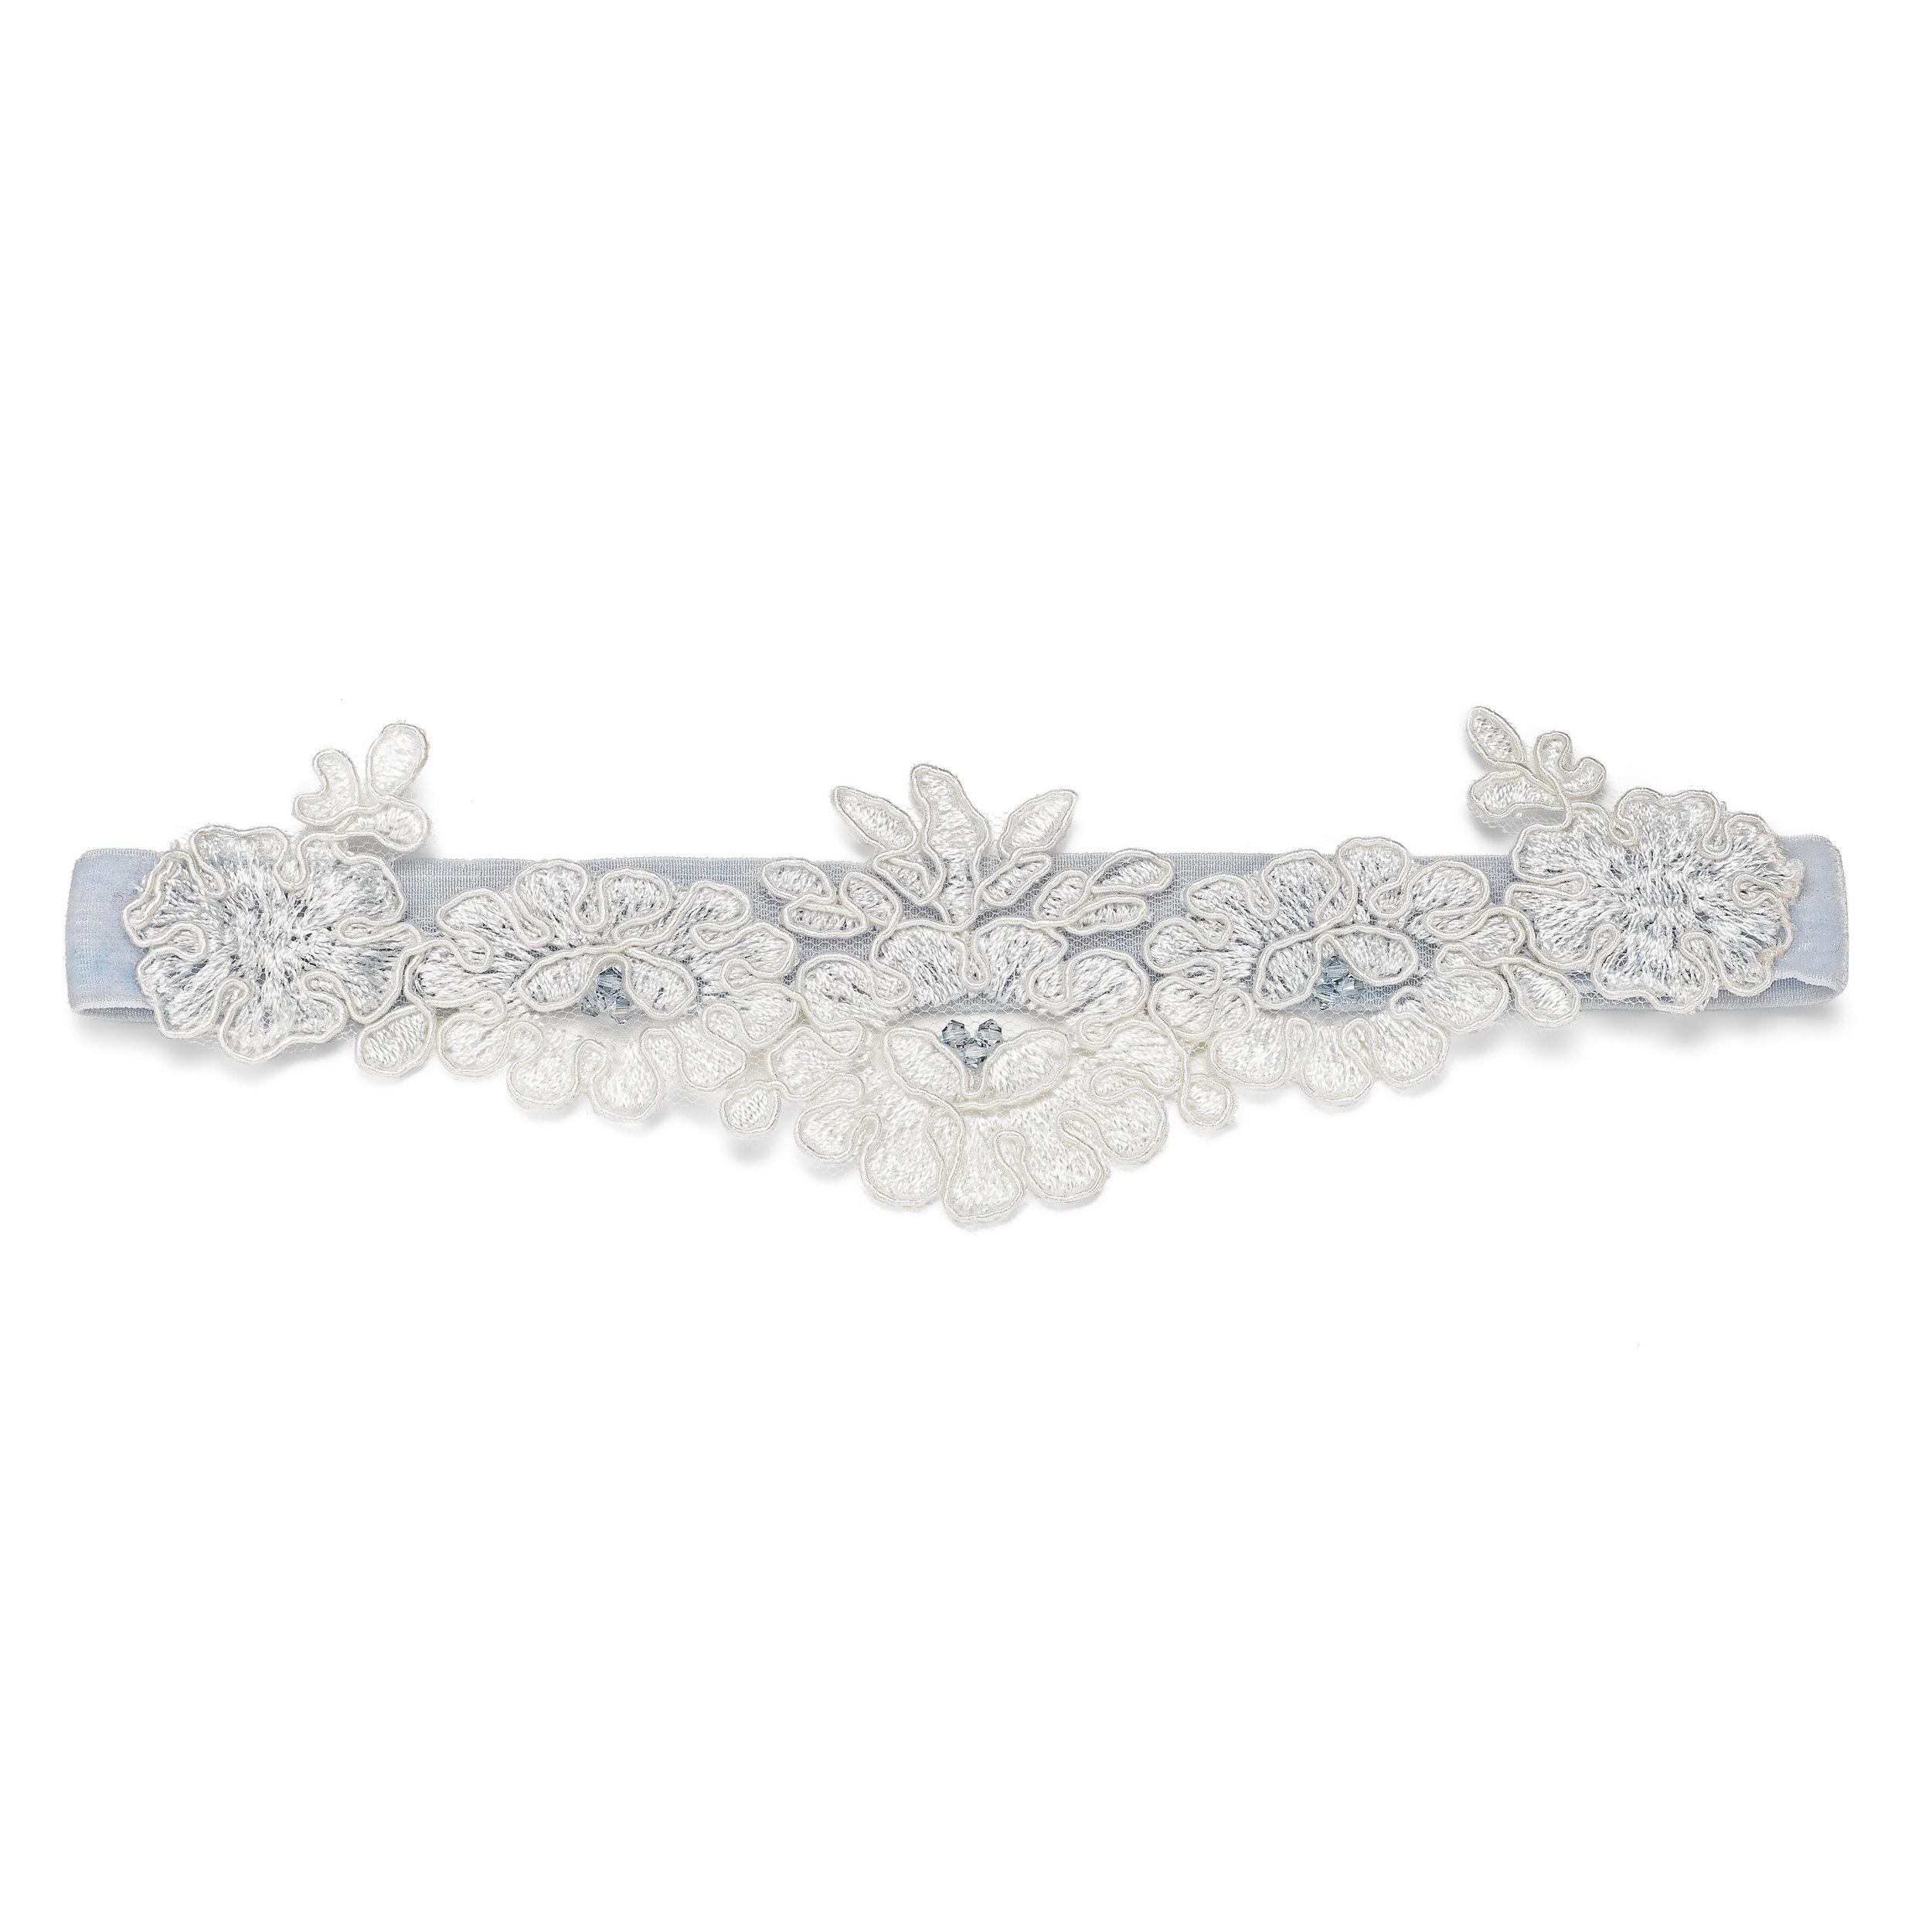 Something blue velvet and lace wedding garter